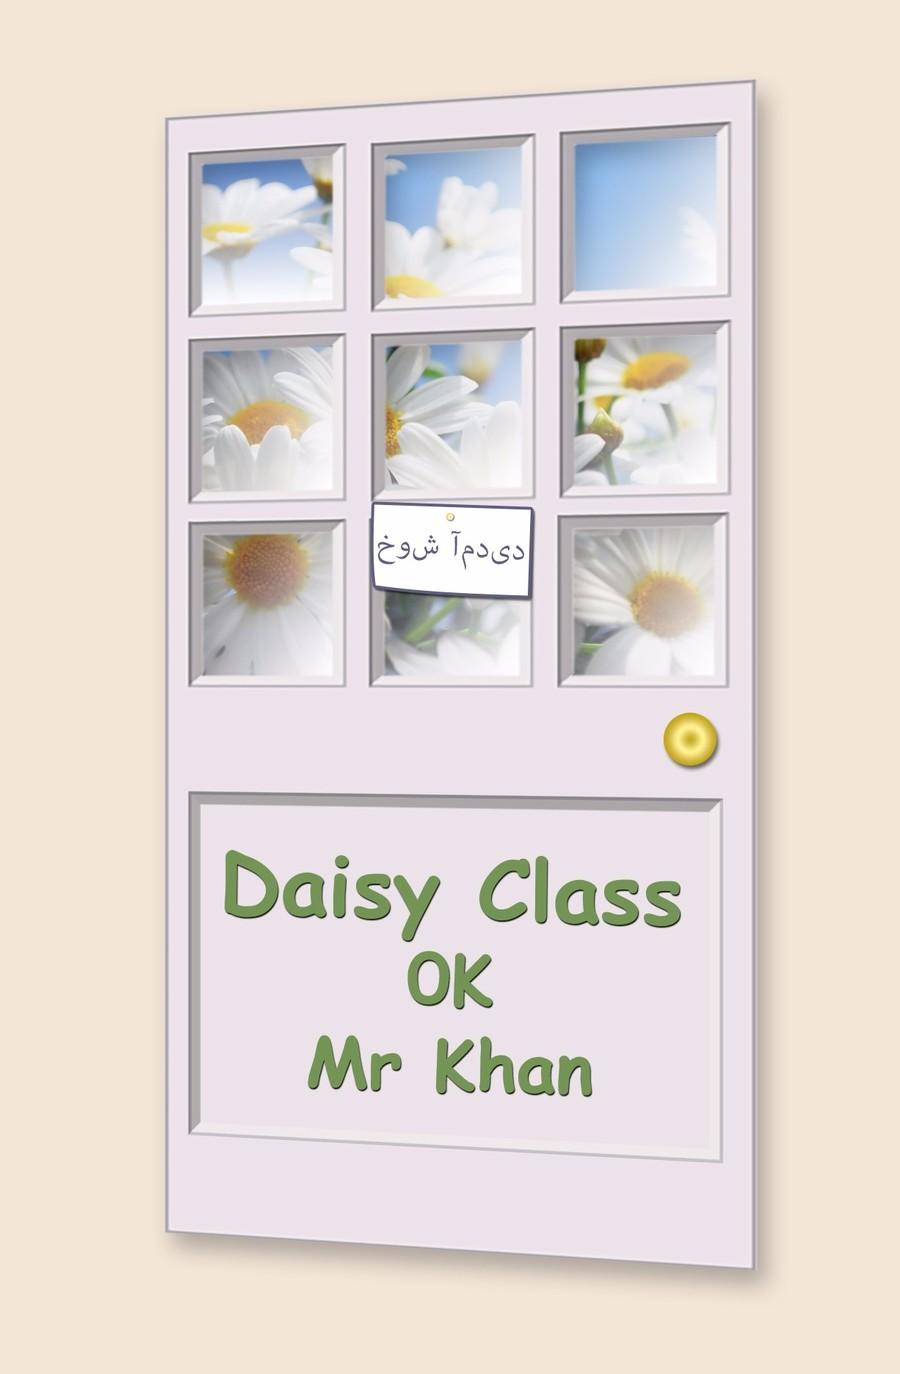 Go to Daisy Class